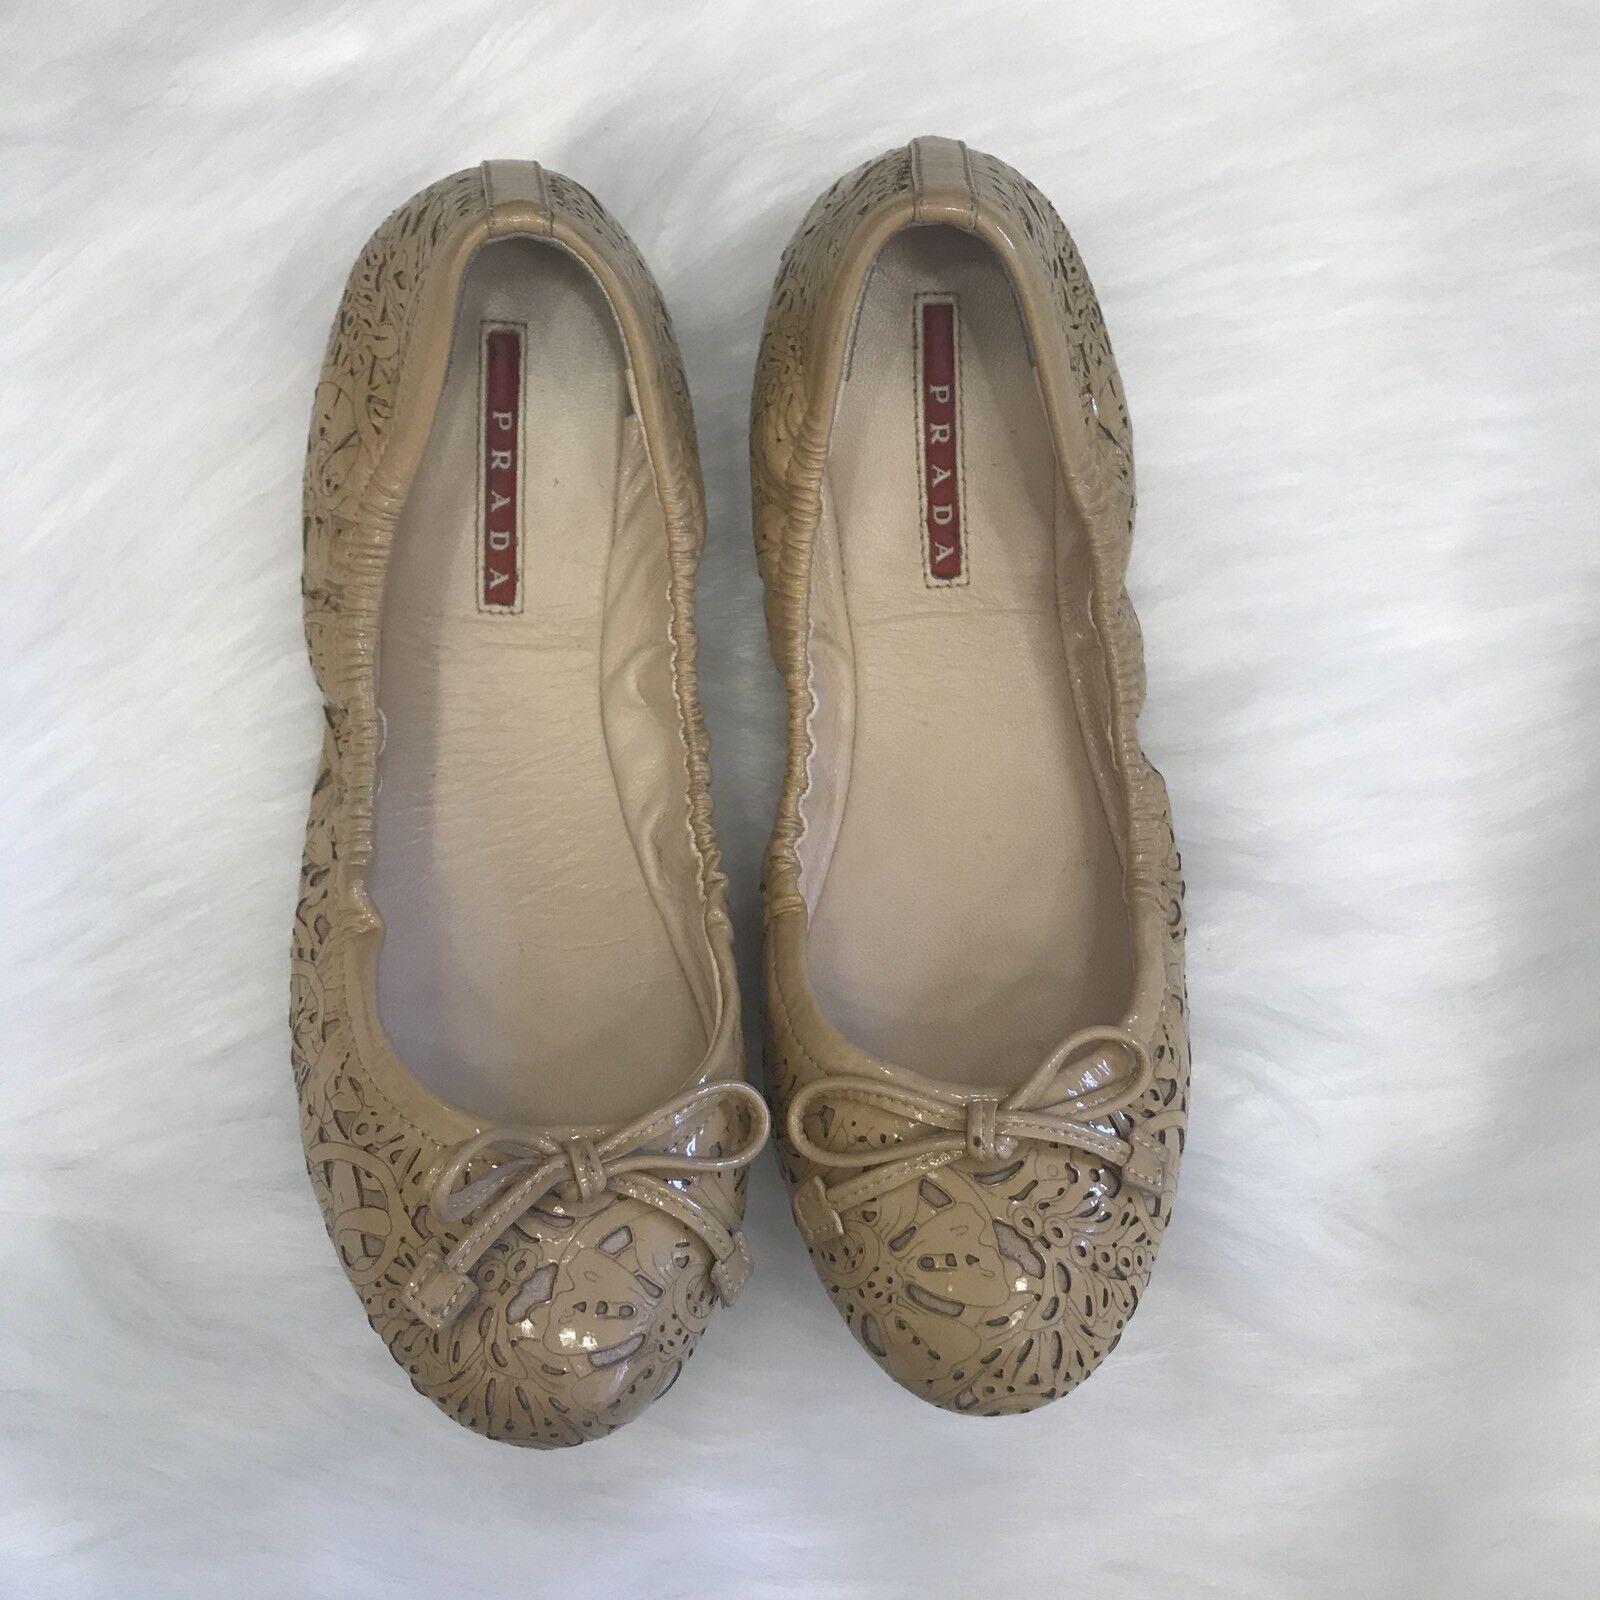 Prada BEIGE Ballet Zapatos sin Taco Sin Floral Charol Charol Charol Corte Láser arco tamaño nos 6 EU 36  promociones emocionantes